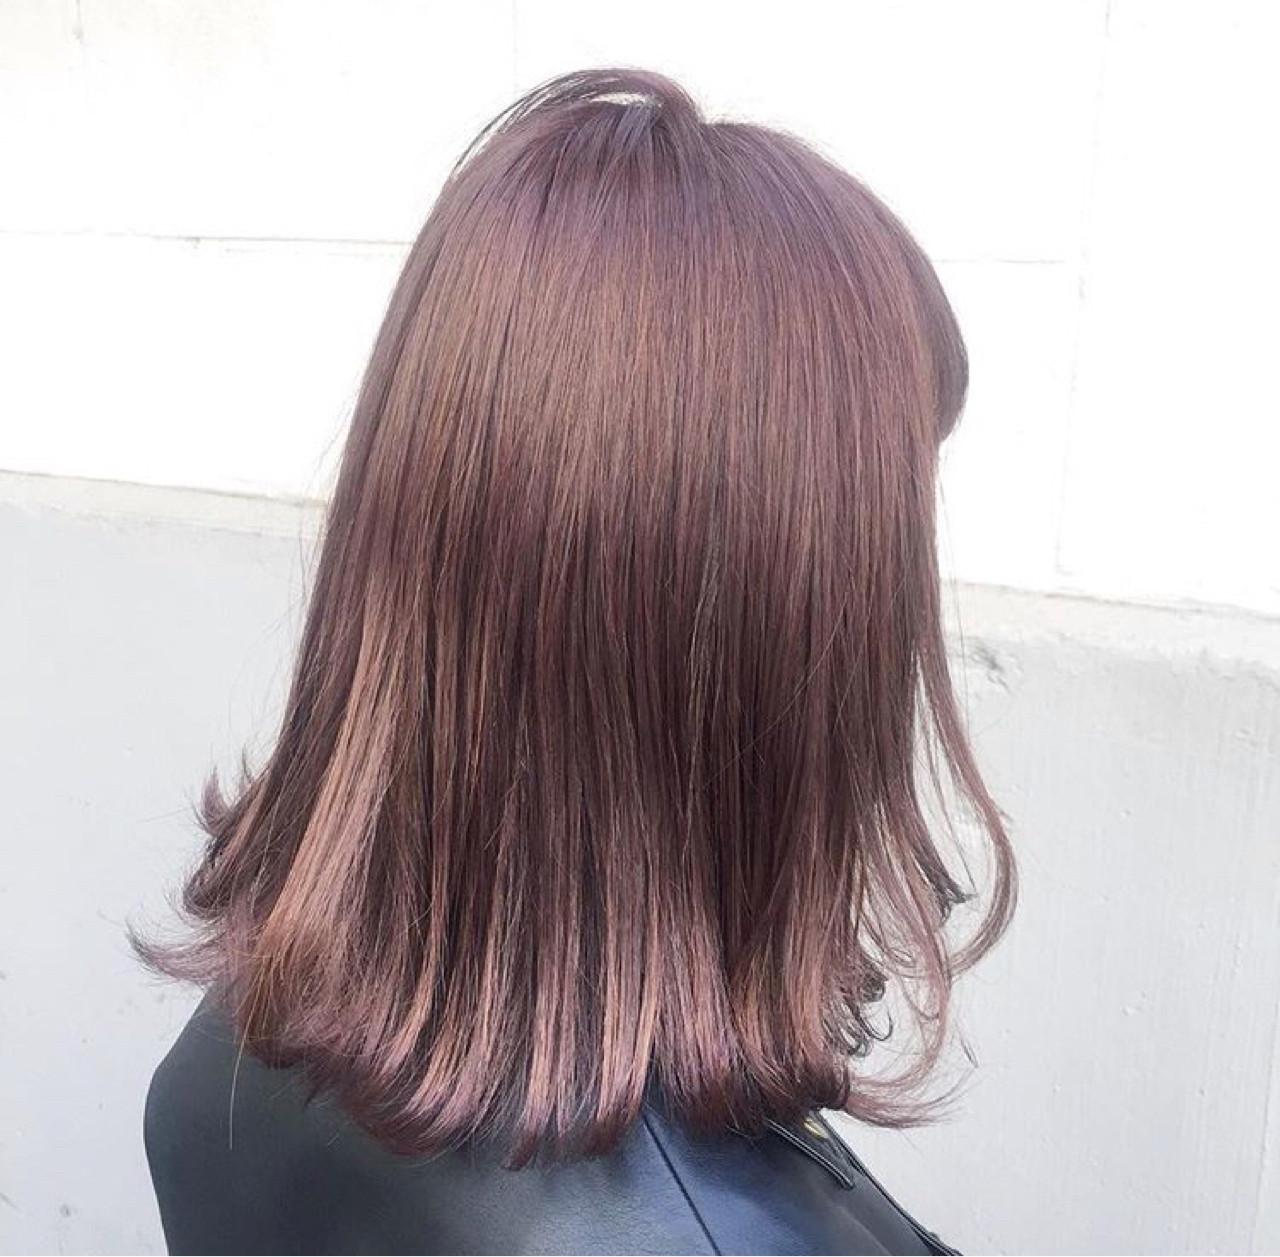 紫のヘアカラー特集♡甘ずっぱいベリーのような愛されヘアにの2枚目の画像